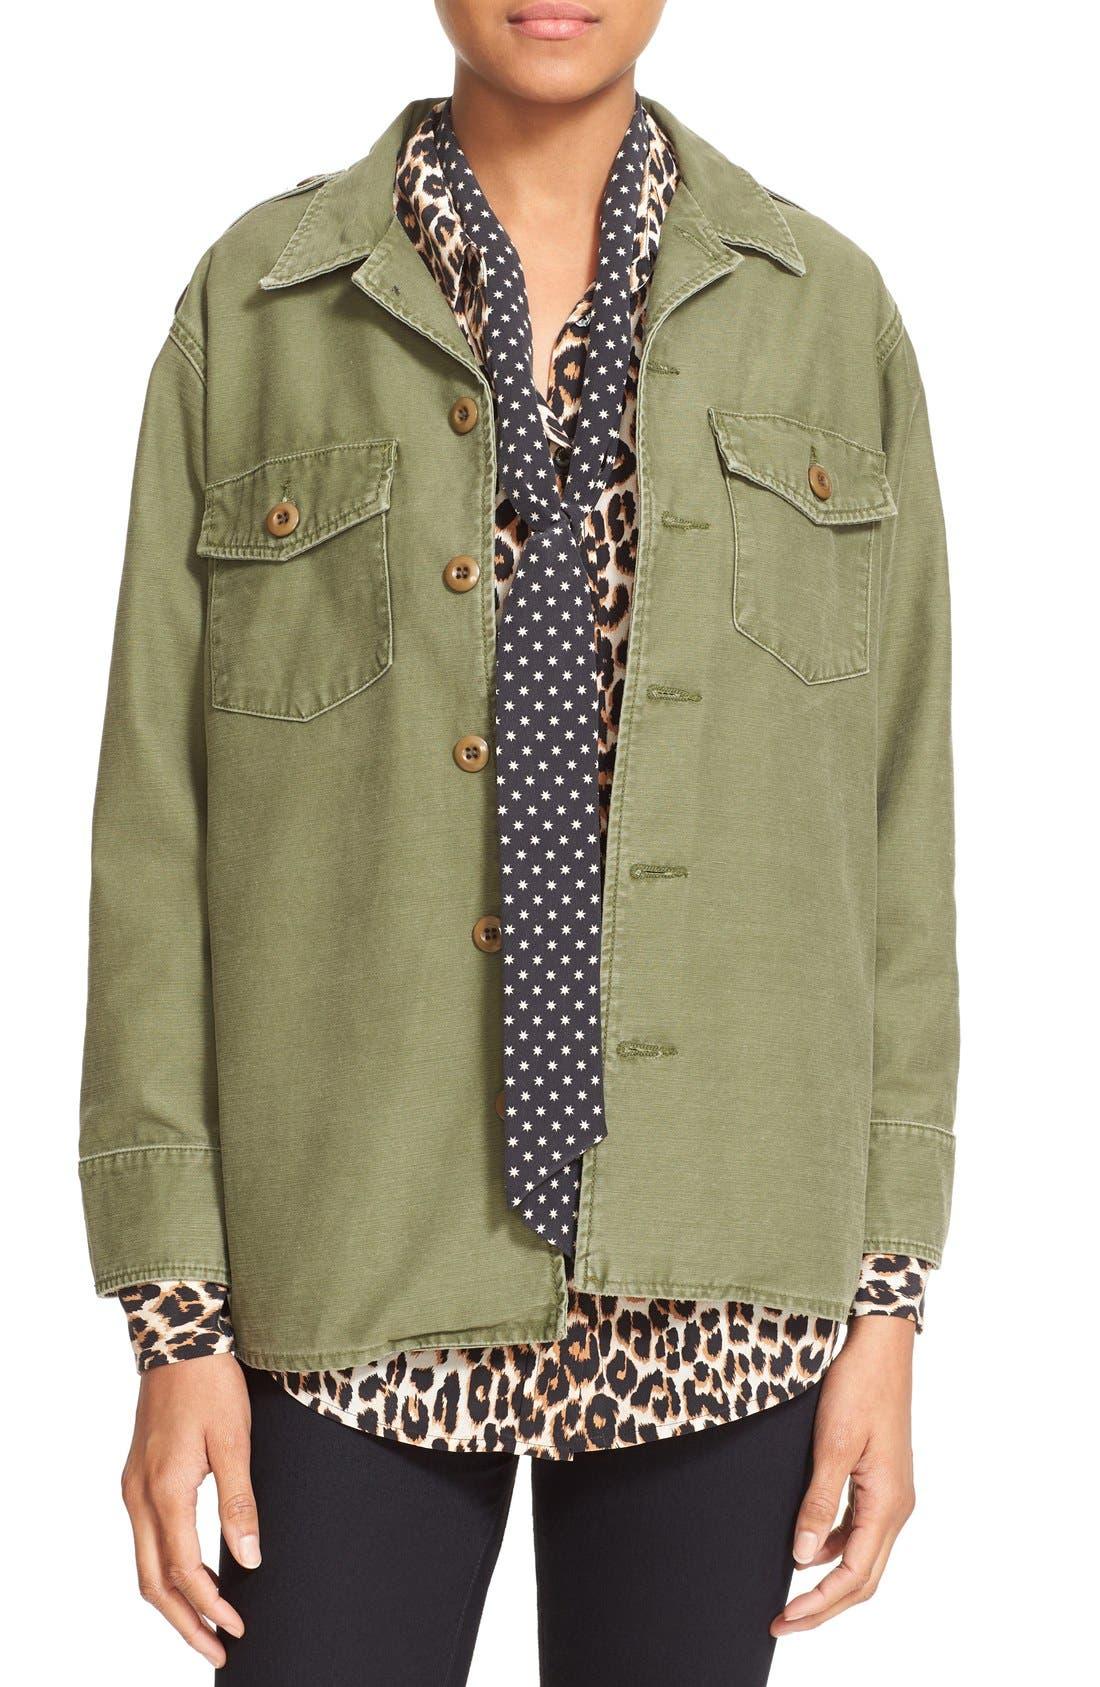 Alternate Image 1 Selected - Kate Moss for Equipment 'Major' Shirt Jacket